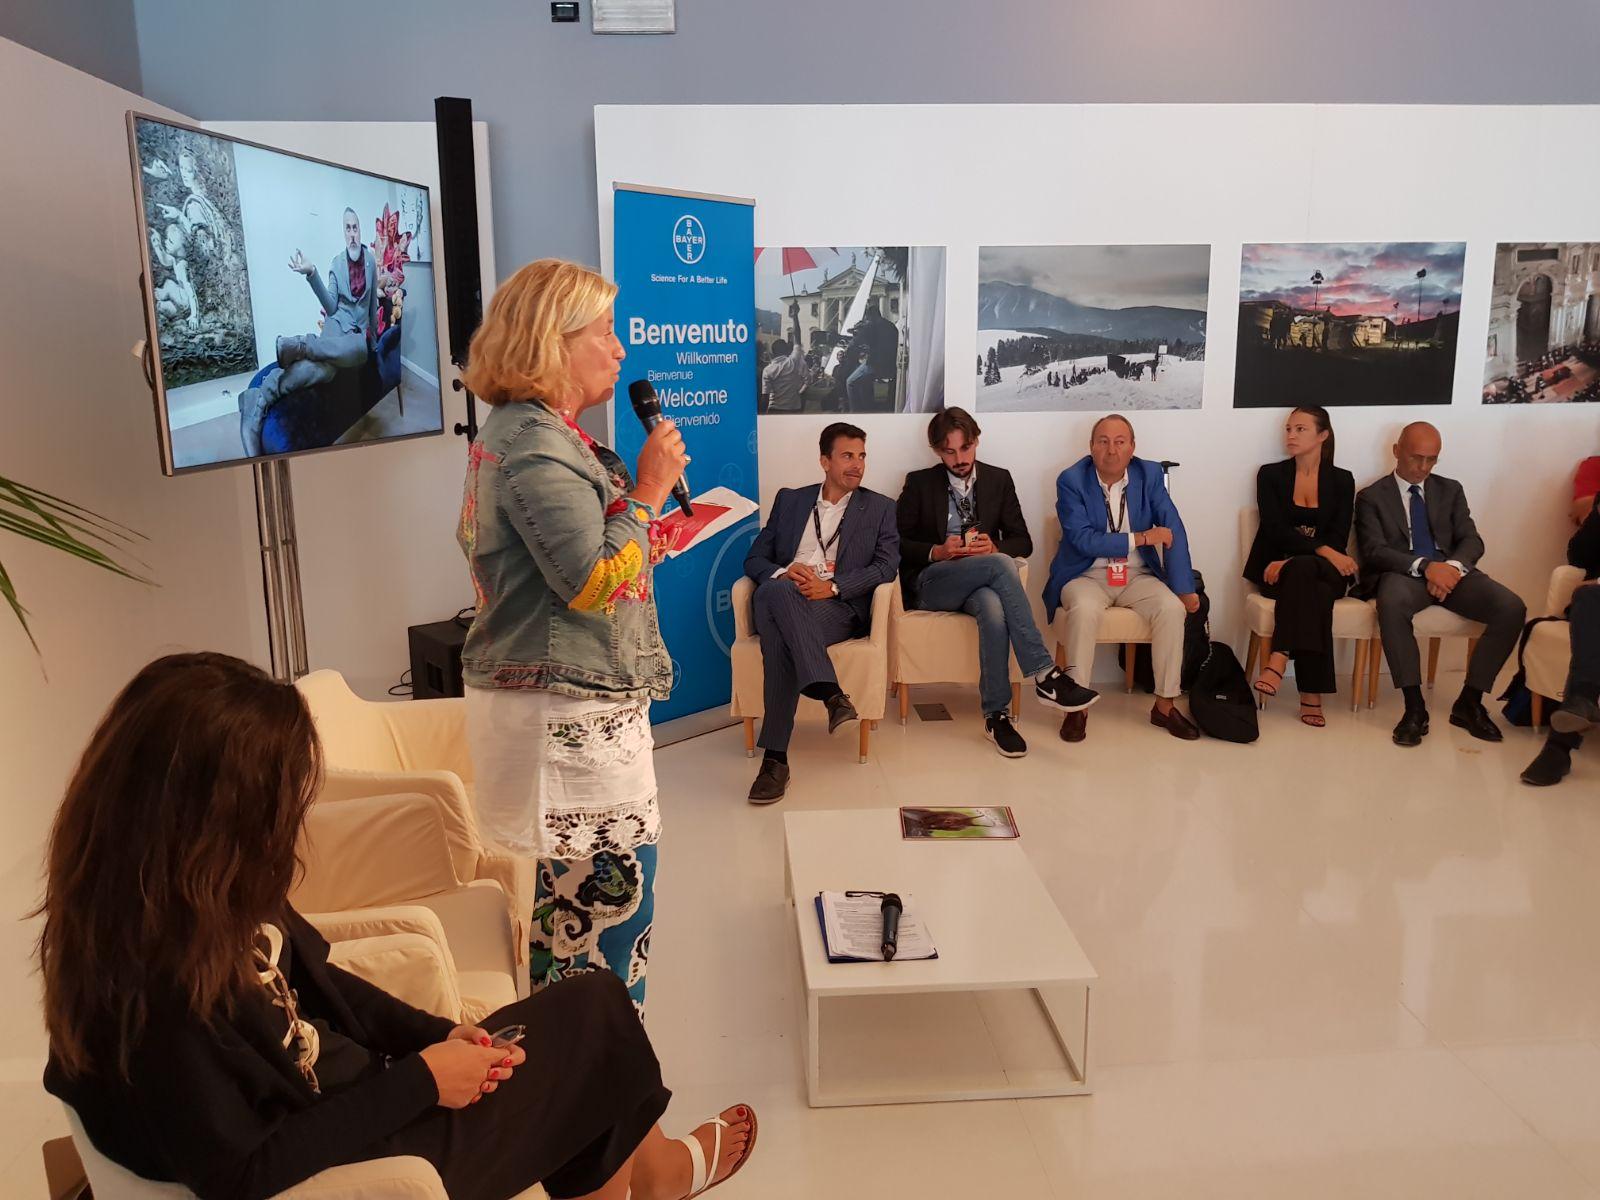 conferenza-stampa-venezia-2017 (7)